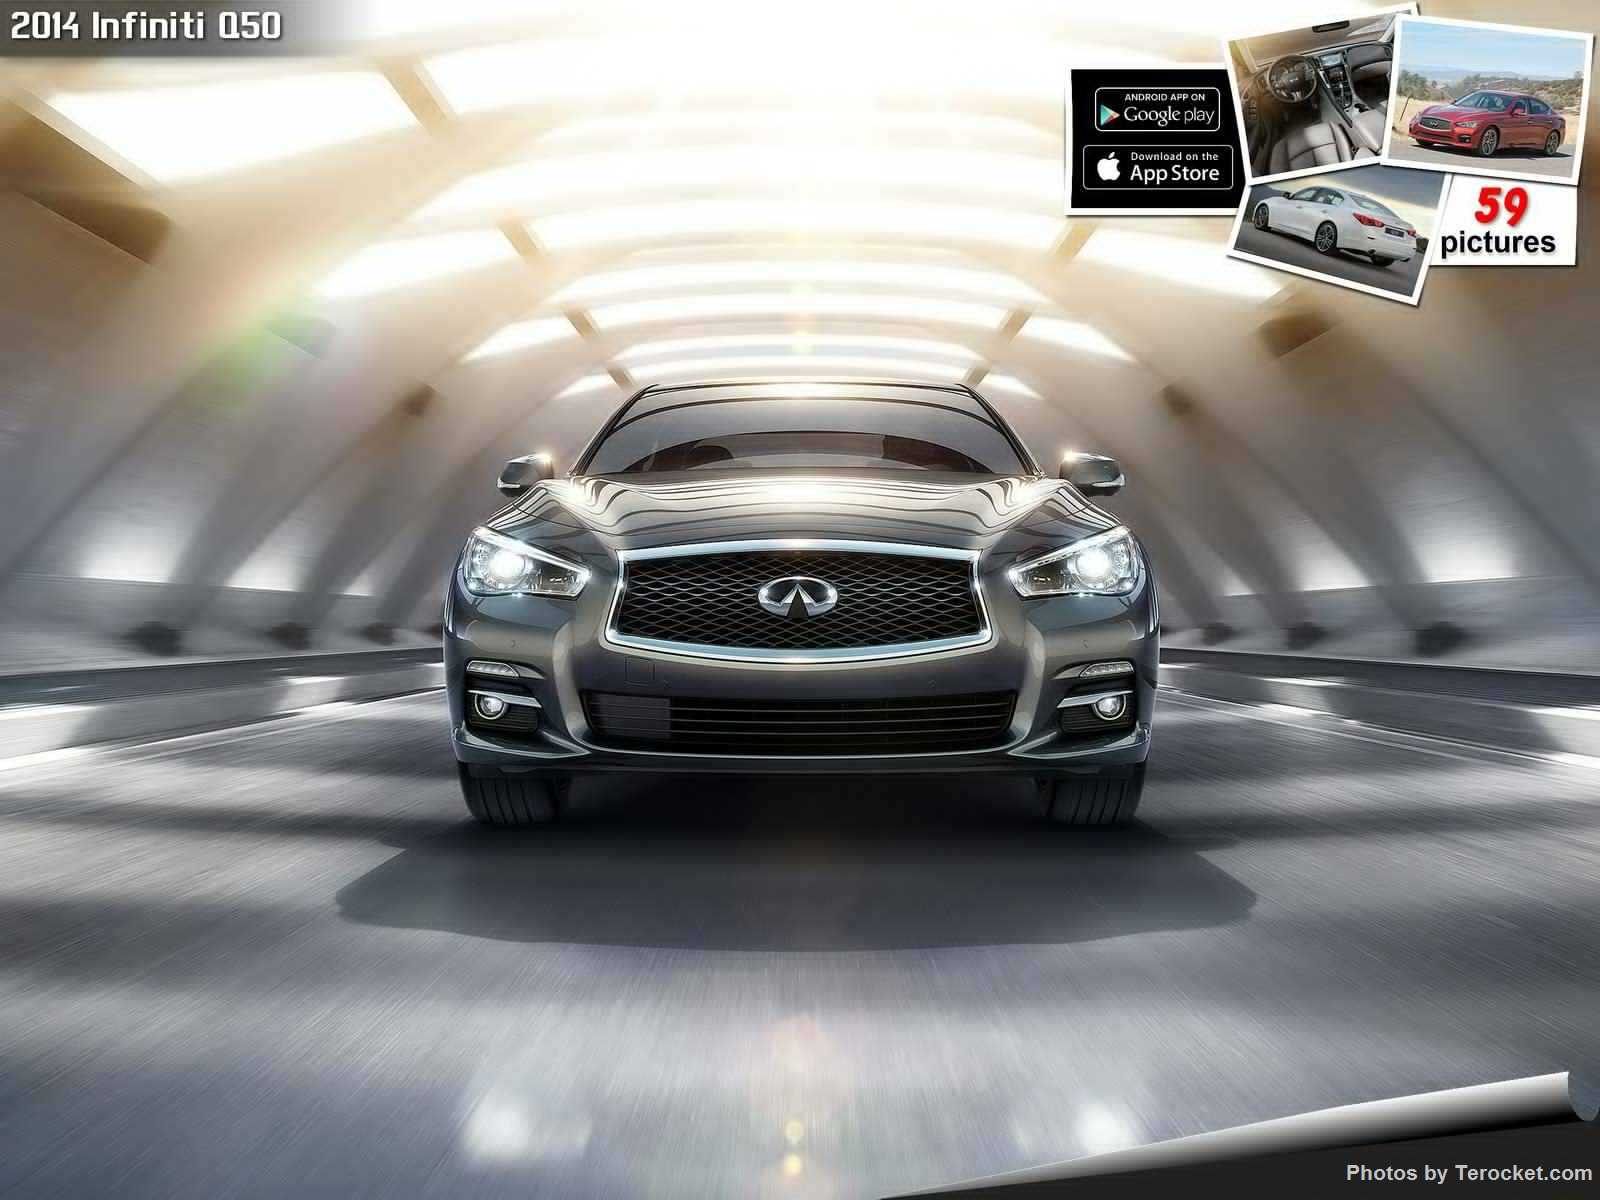 Hình ảnh xe ô tô Infiniti Q50 2014 & nội ngoại thất